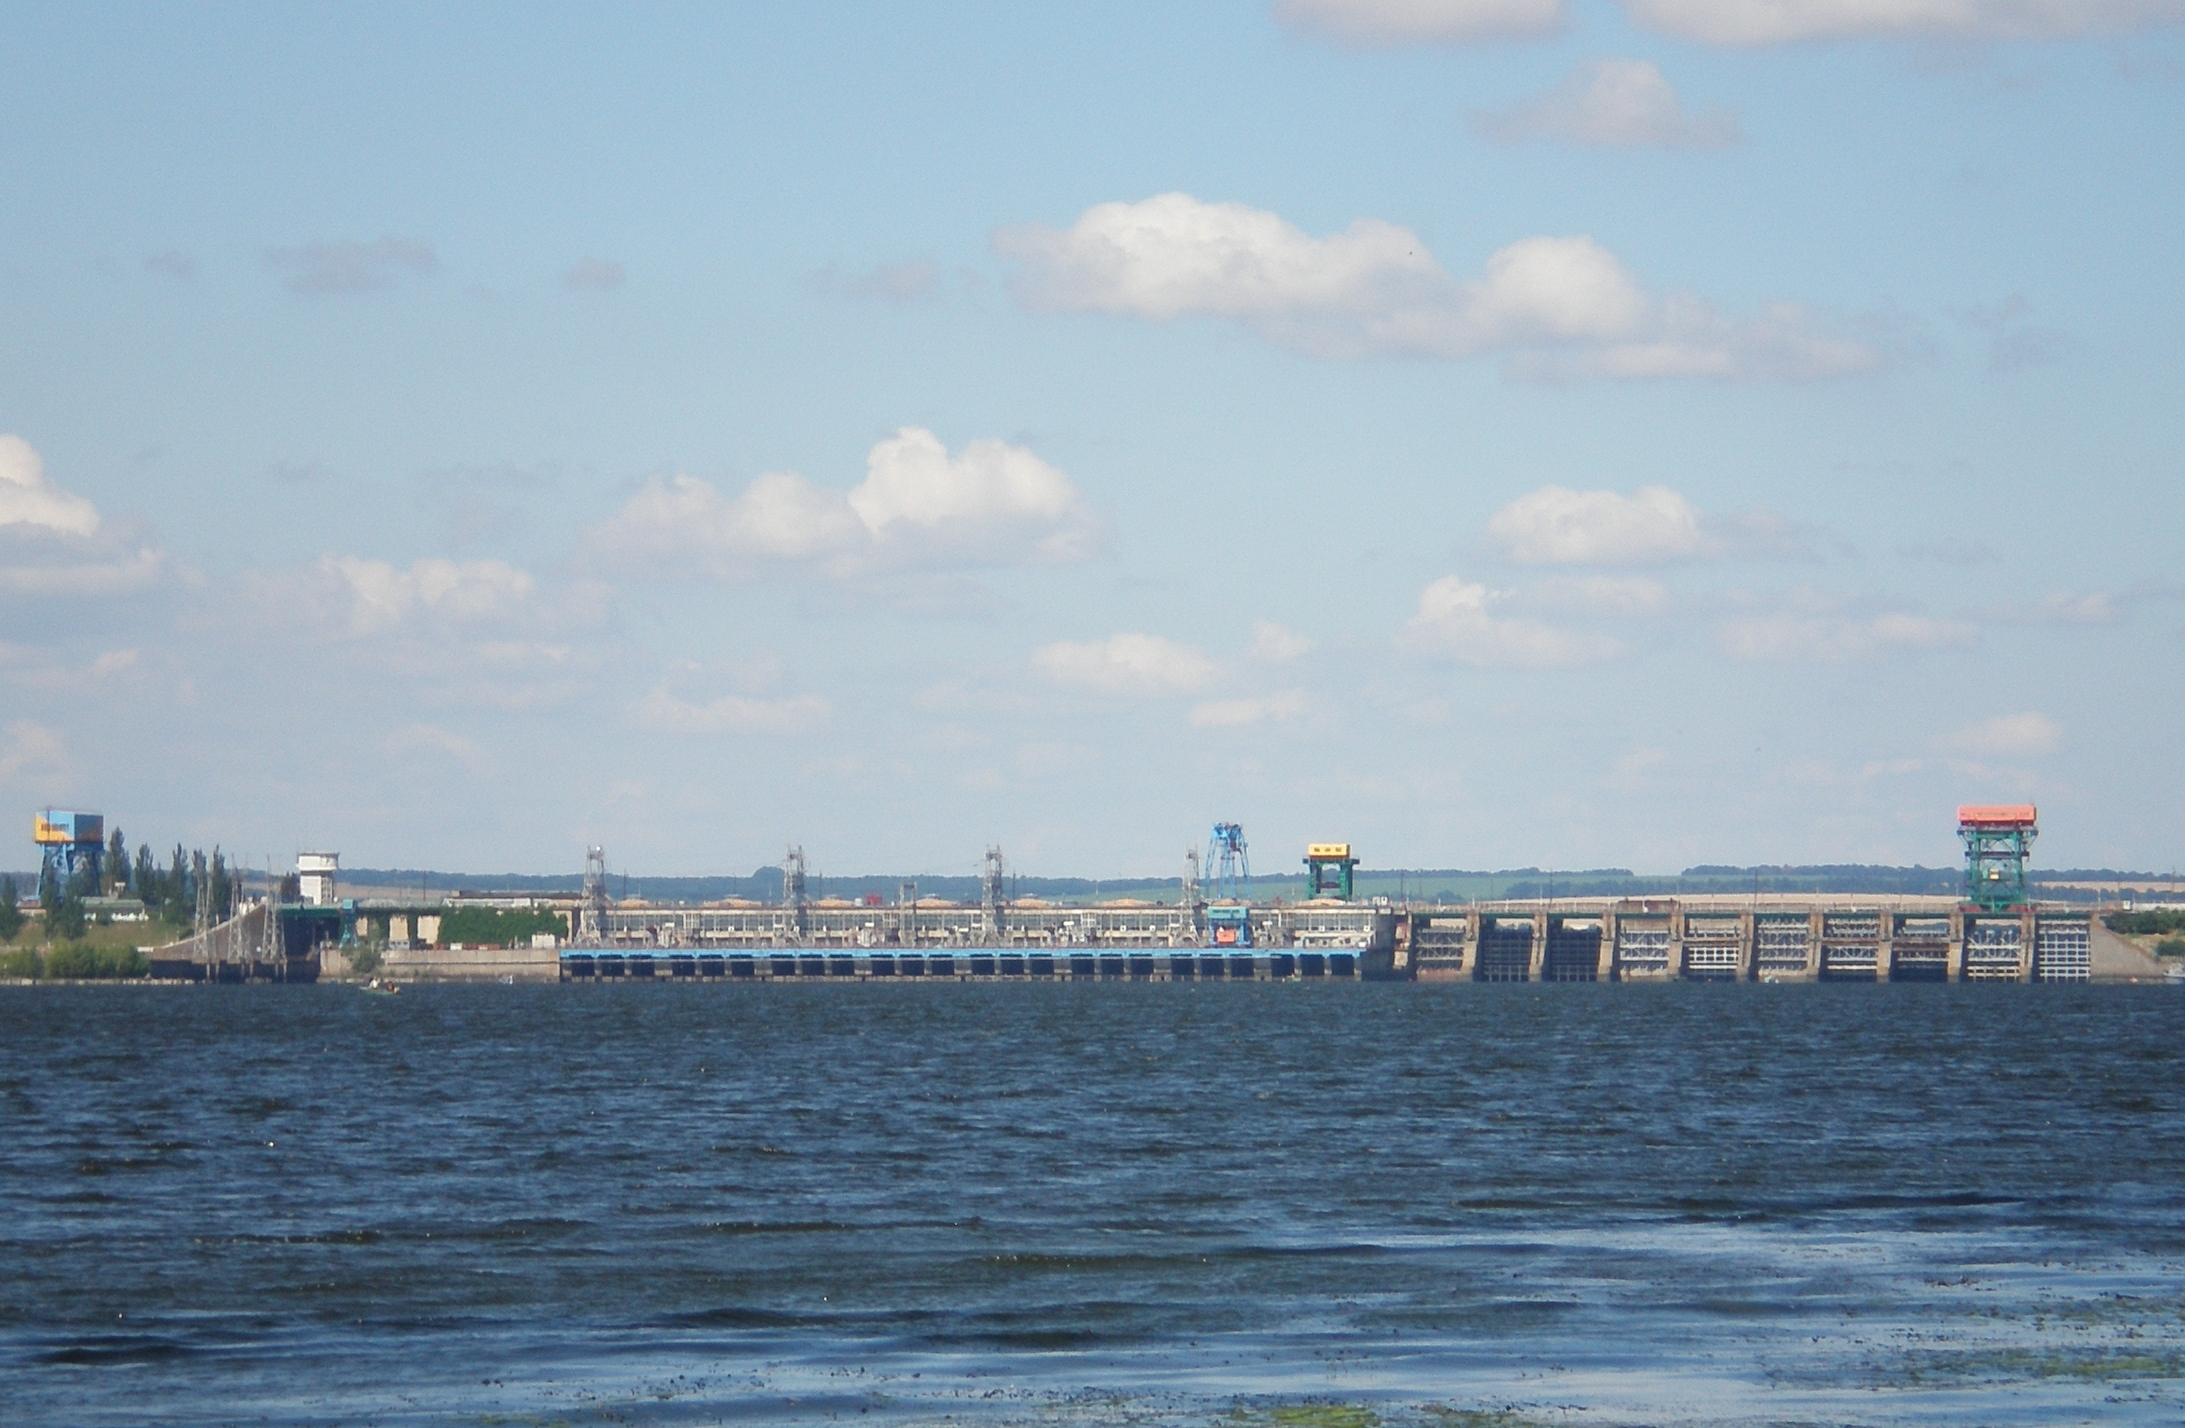 Centrale hydroélectrique de Dniprodzerjynsk, en Ukraine. Source : Ed1984/Wikipédia